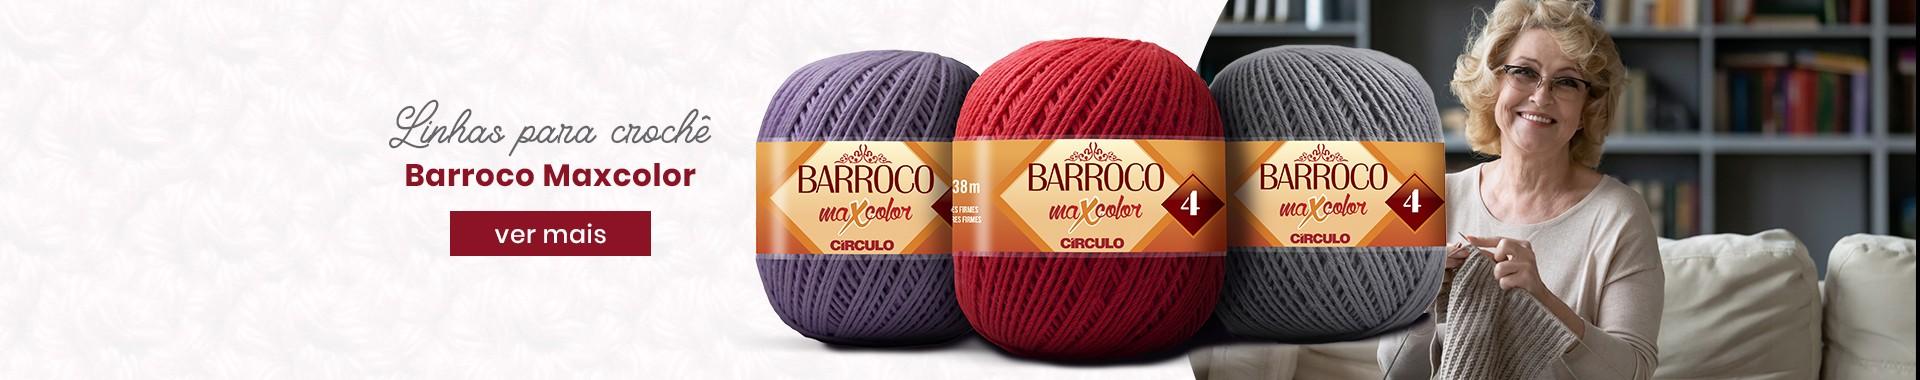 Barroco Maxcolor